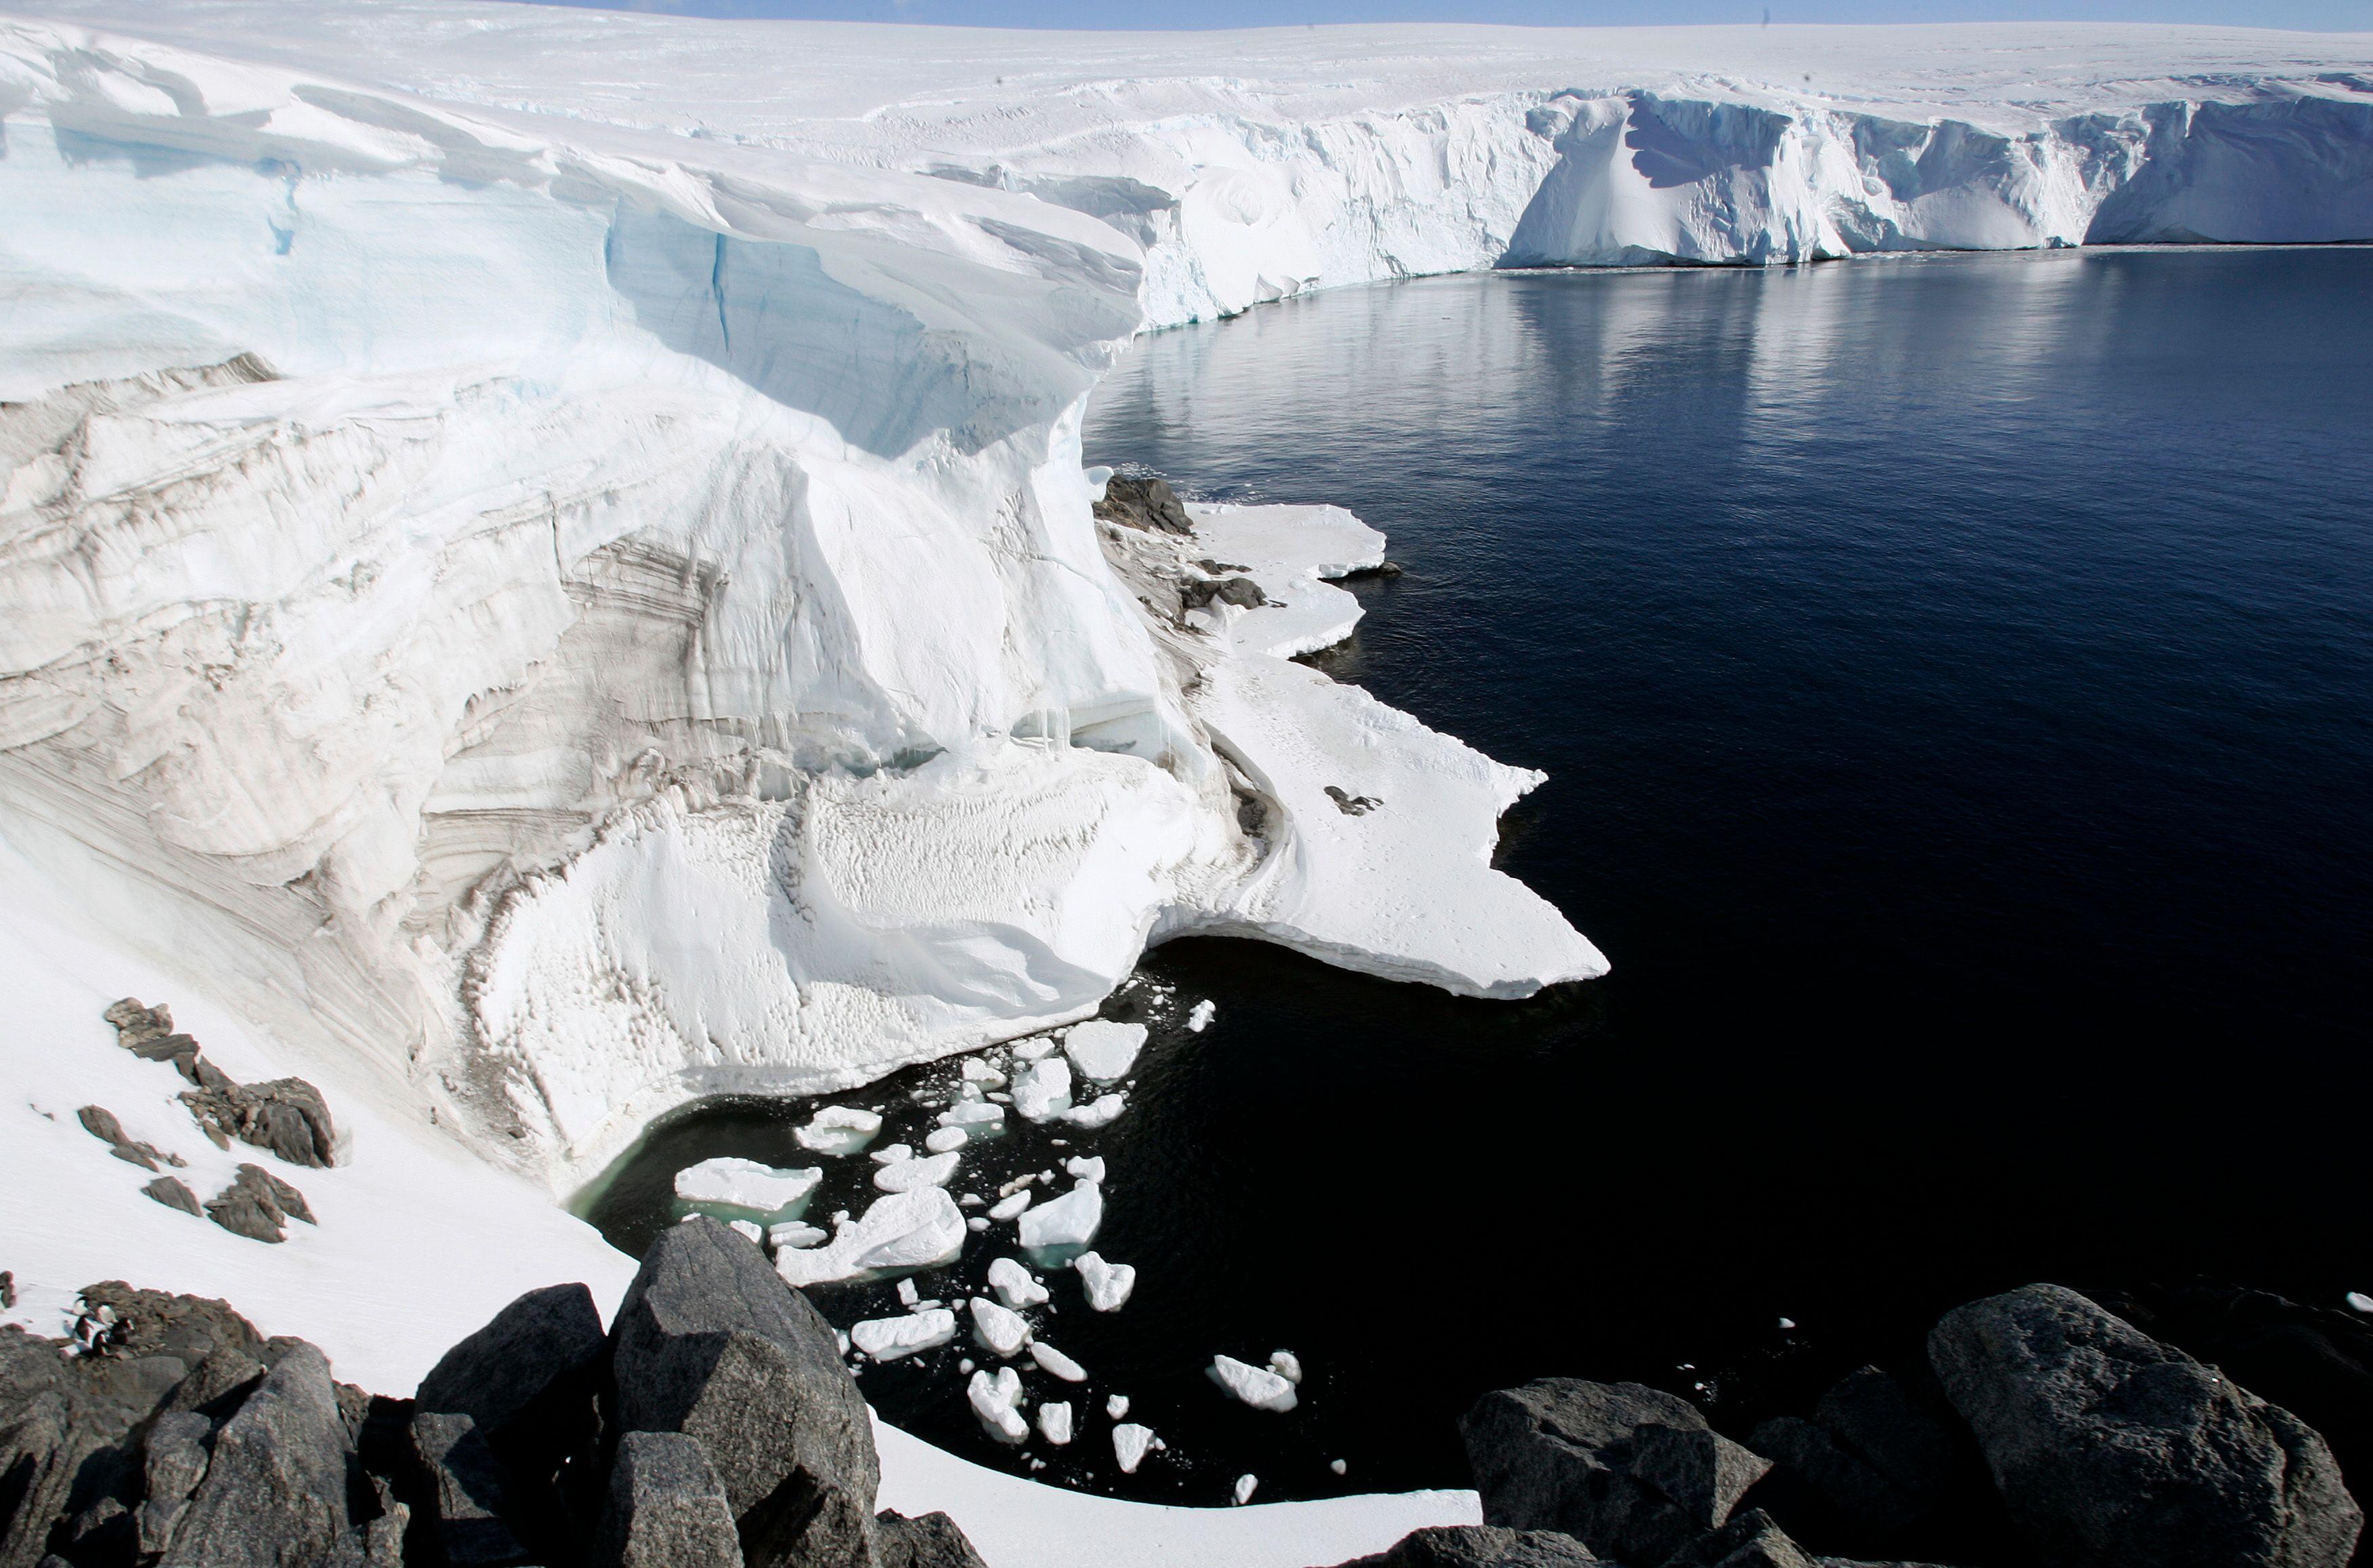 Tous les fuseaux horaires convergent en Antarctique.